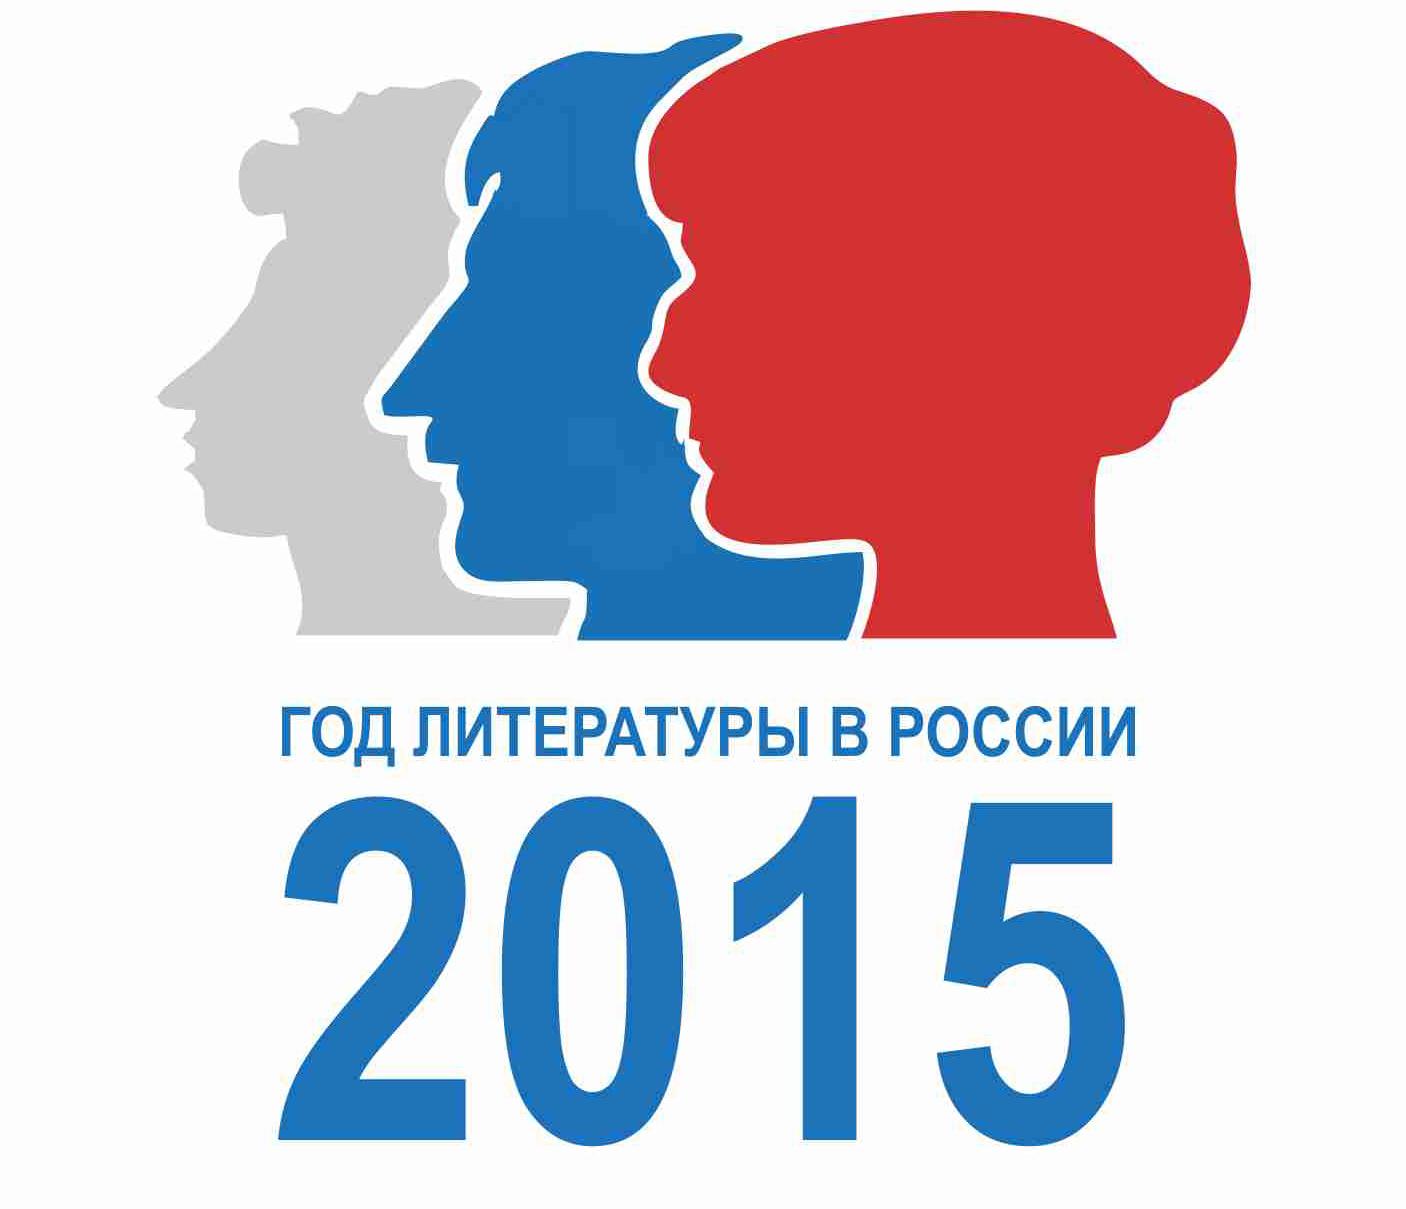 картинки год литературы в россии в 2015 году уверял прессу